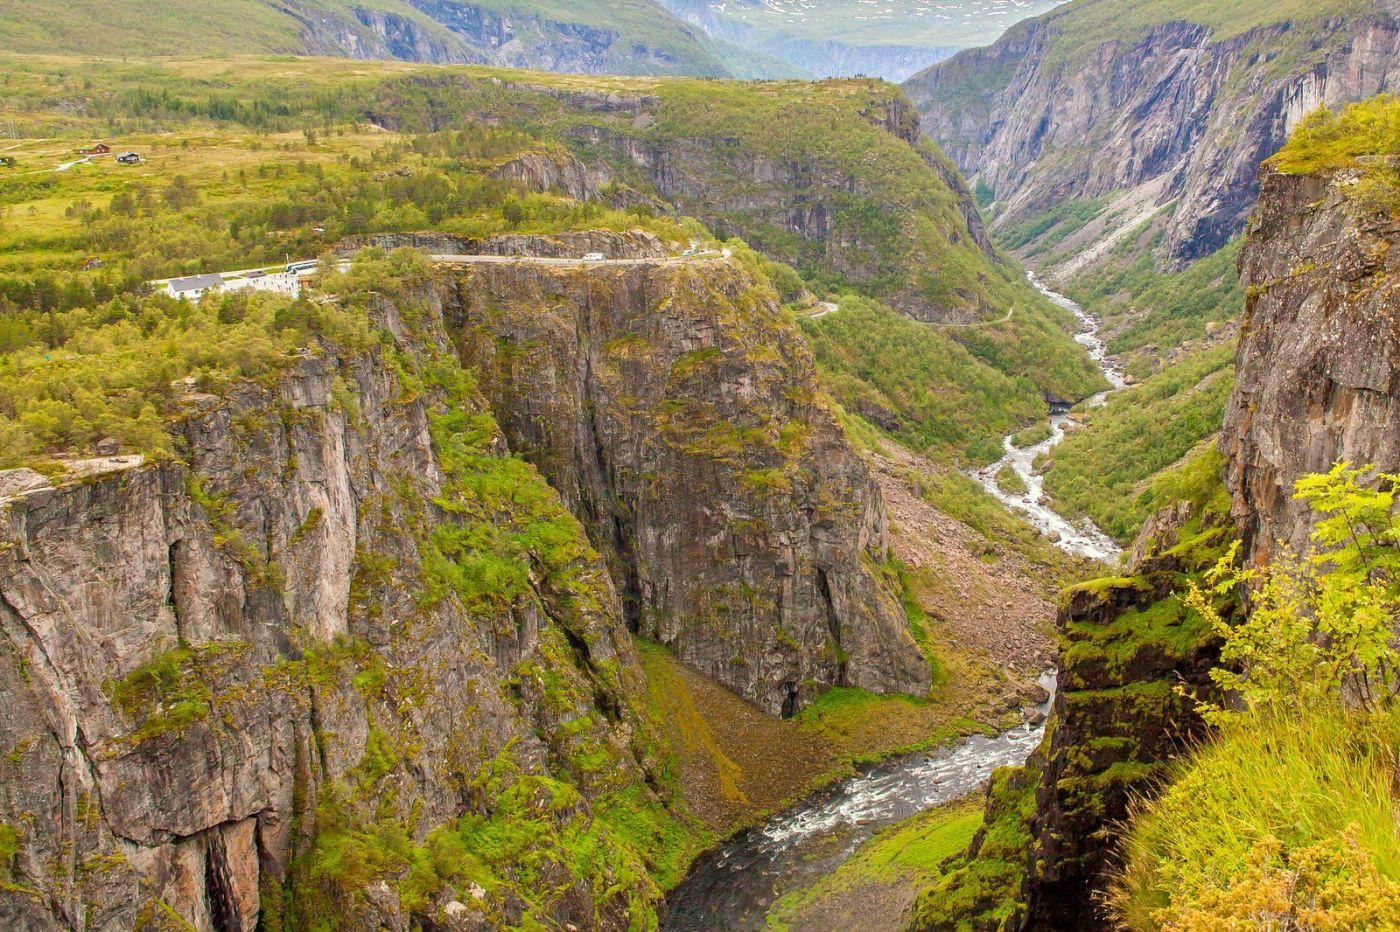 北欧风光,高山瀑布一泻千里_图1-9